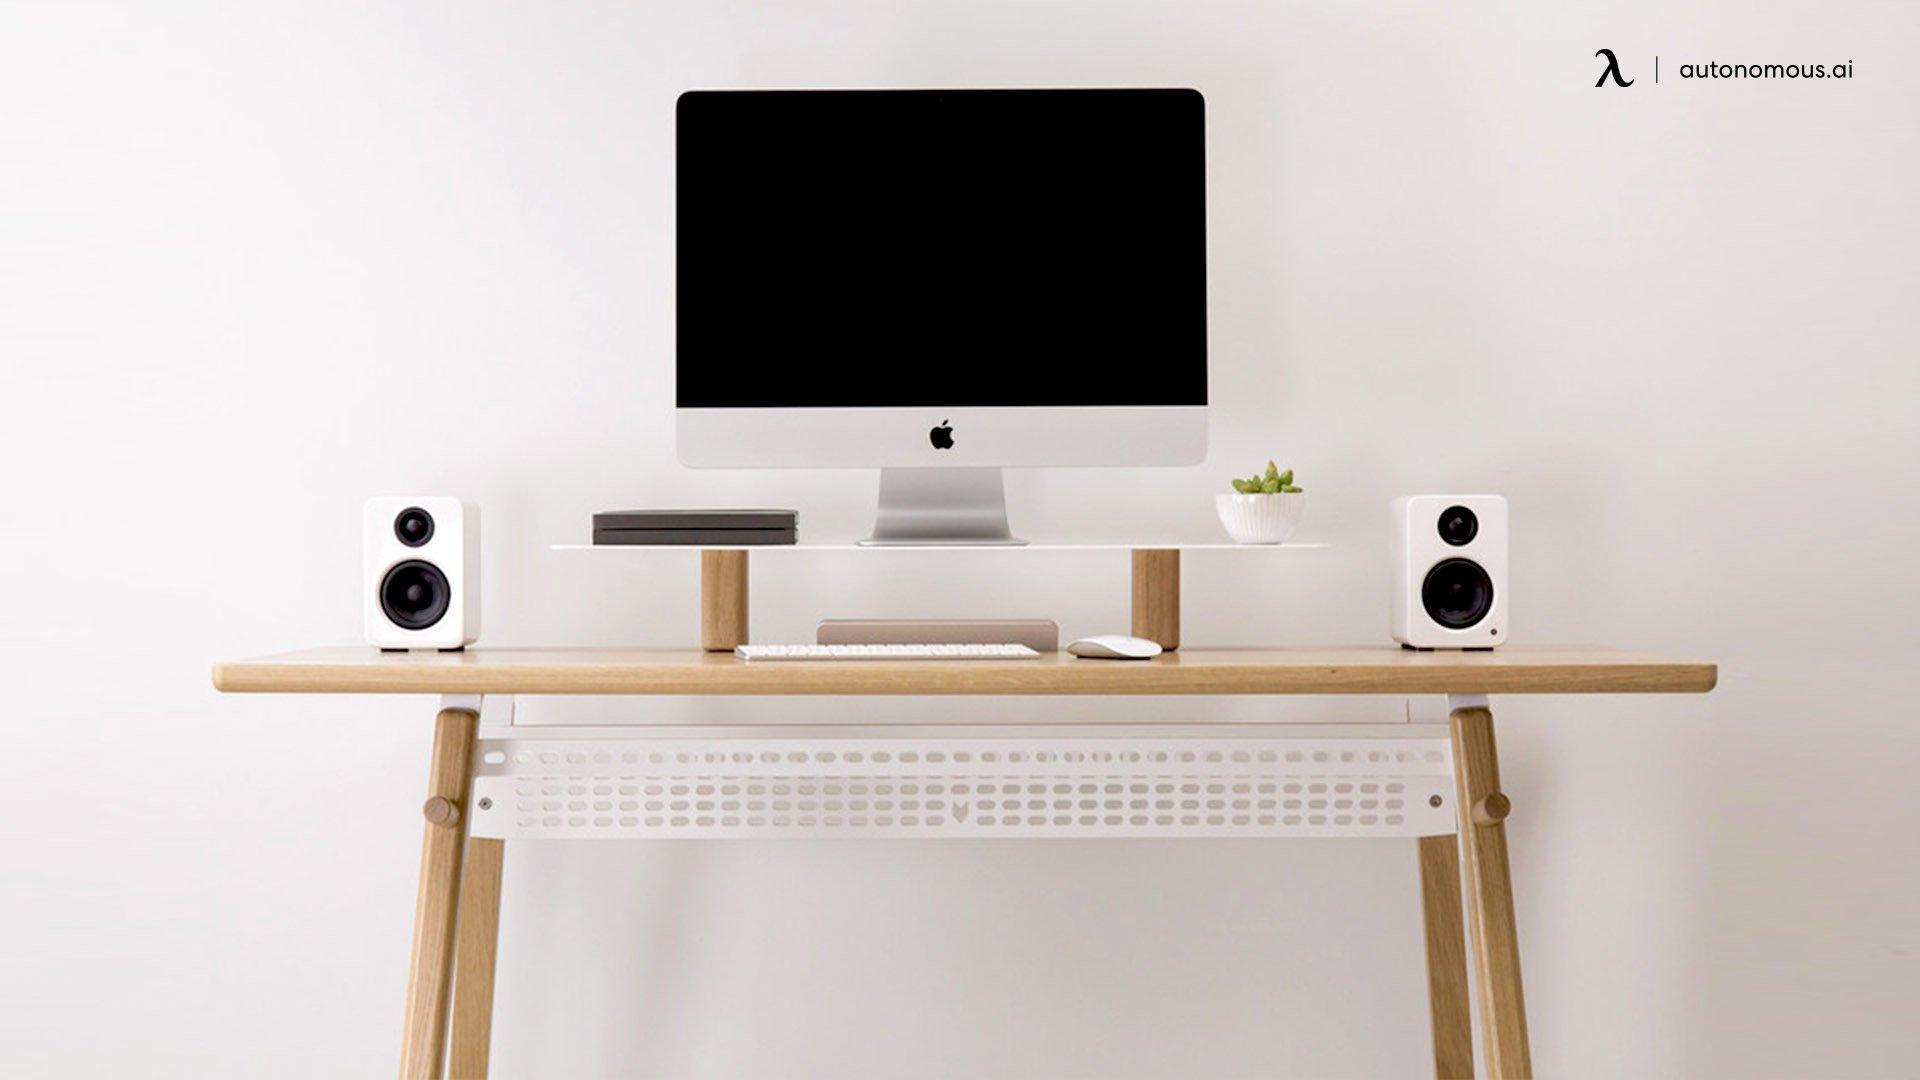 The Minimal Hypebeast Standing White Desk Setup